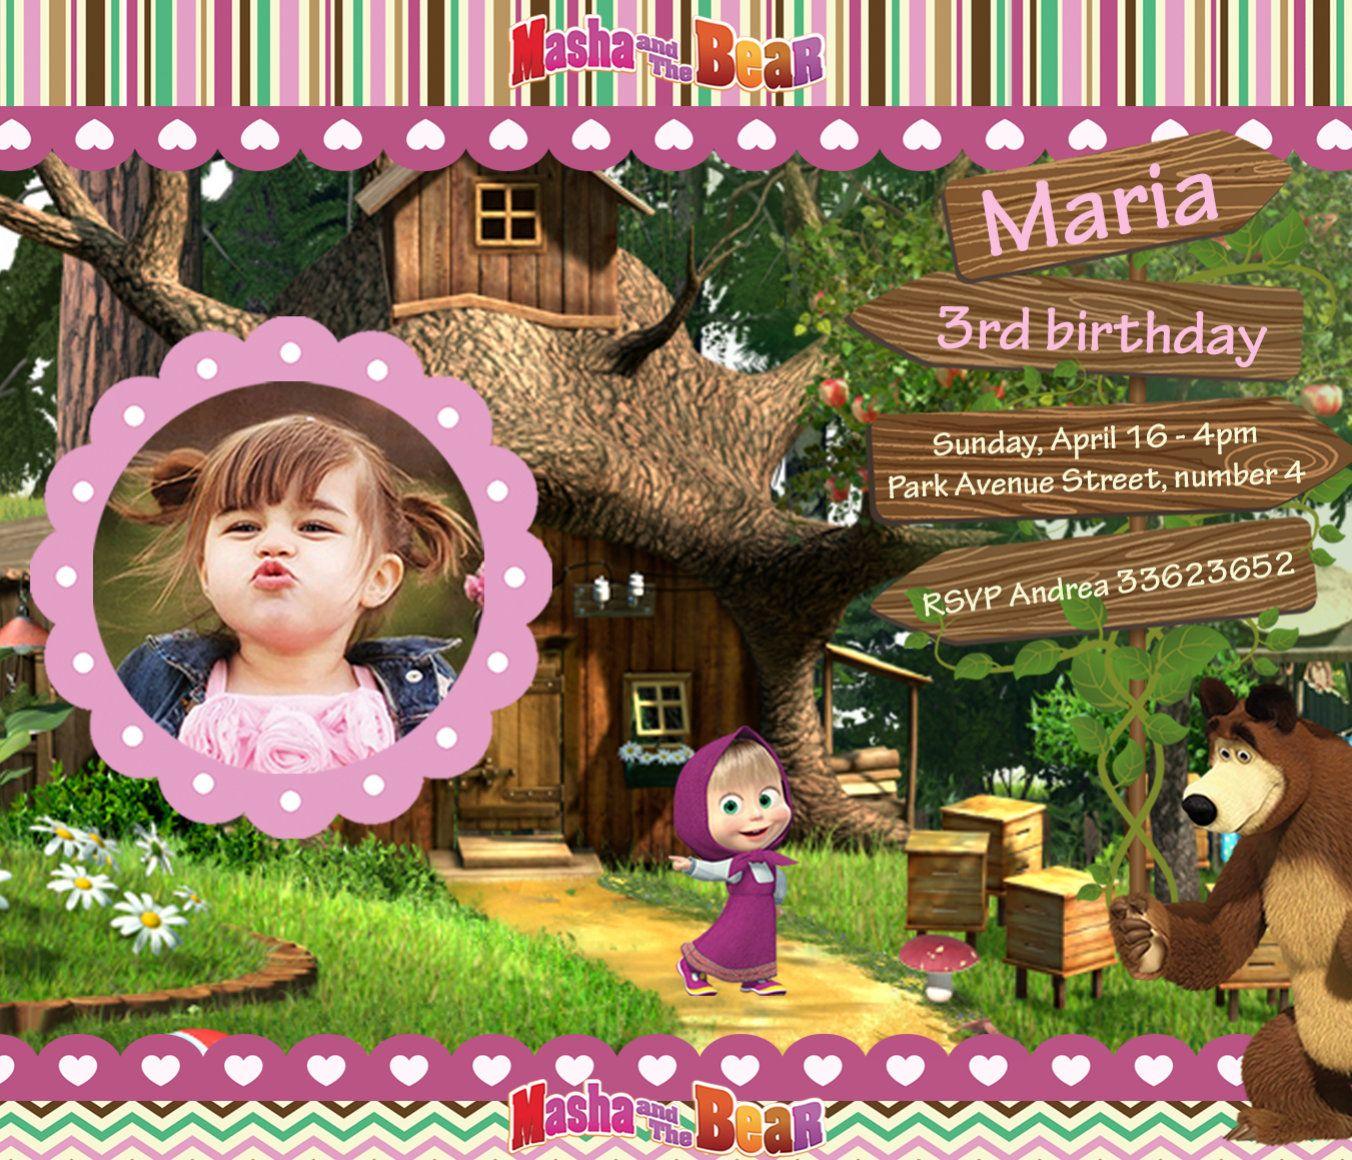 Venta Invitación Masha Y El Oso Fiesta Imprimible Masha Y